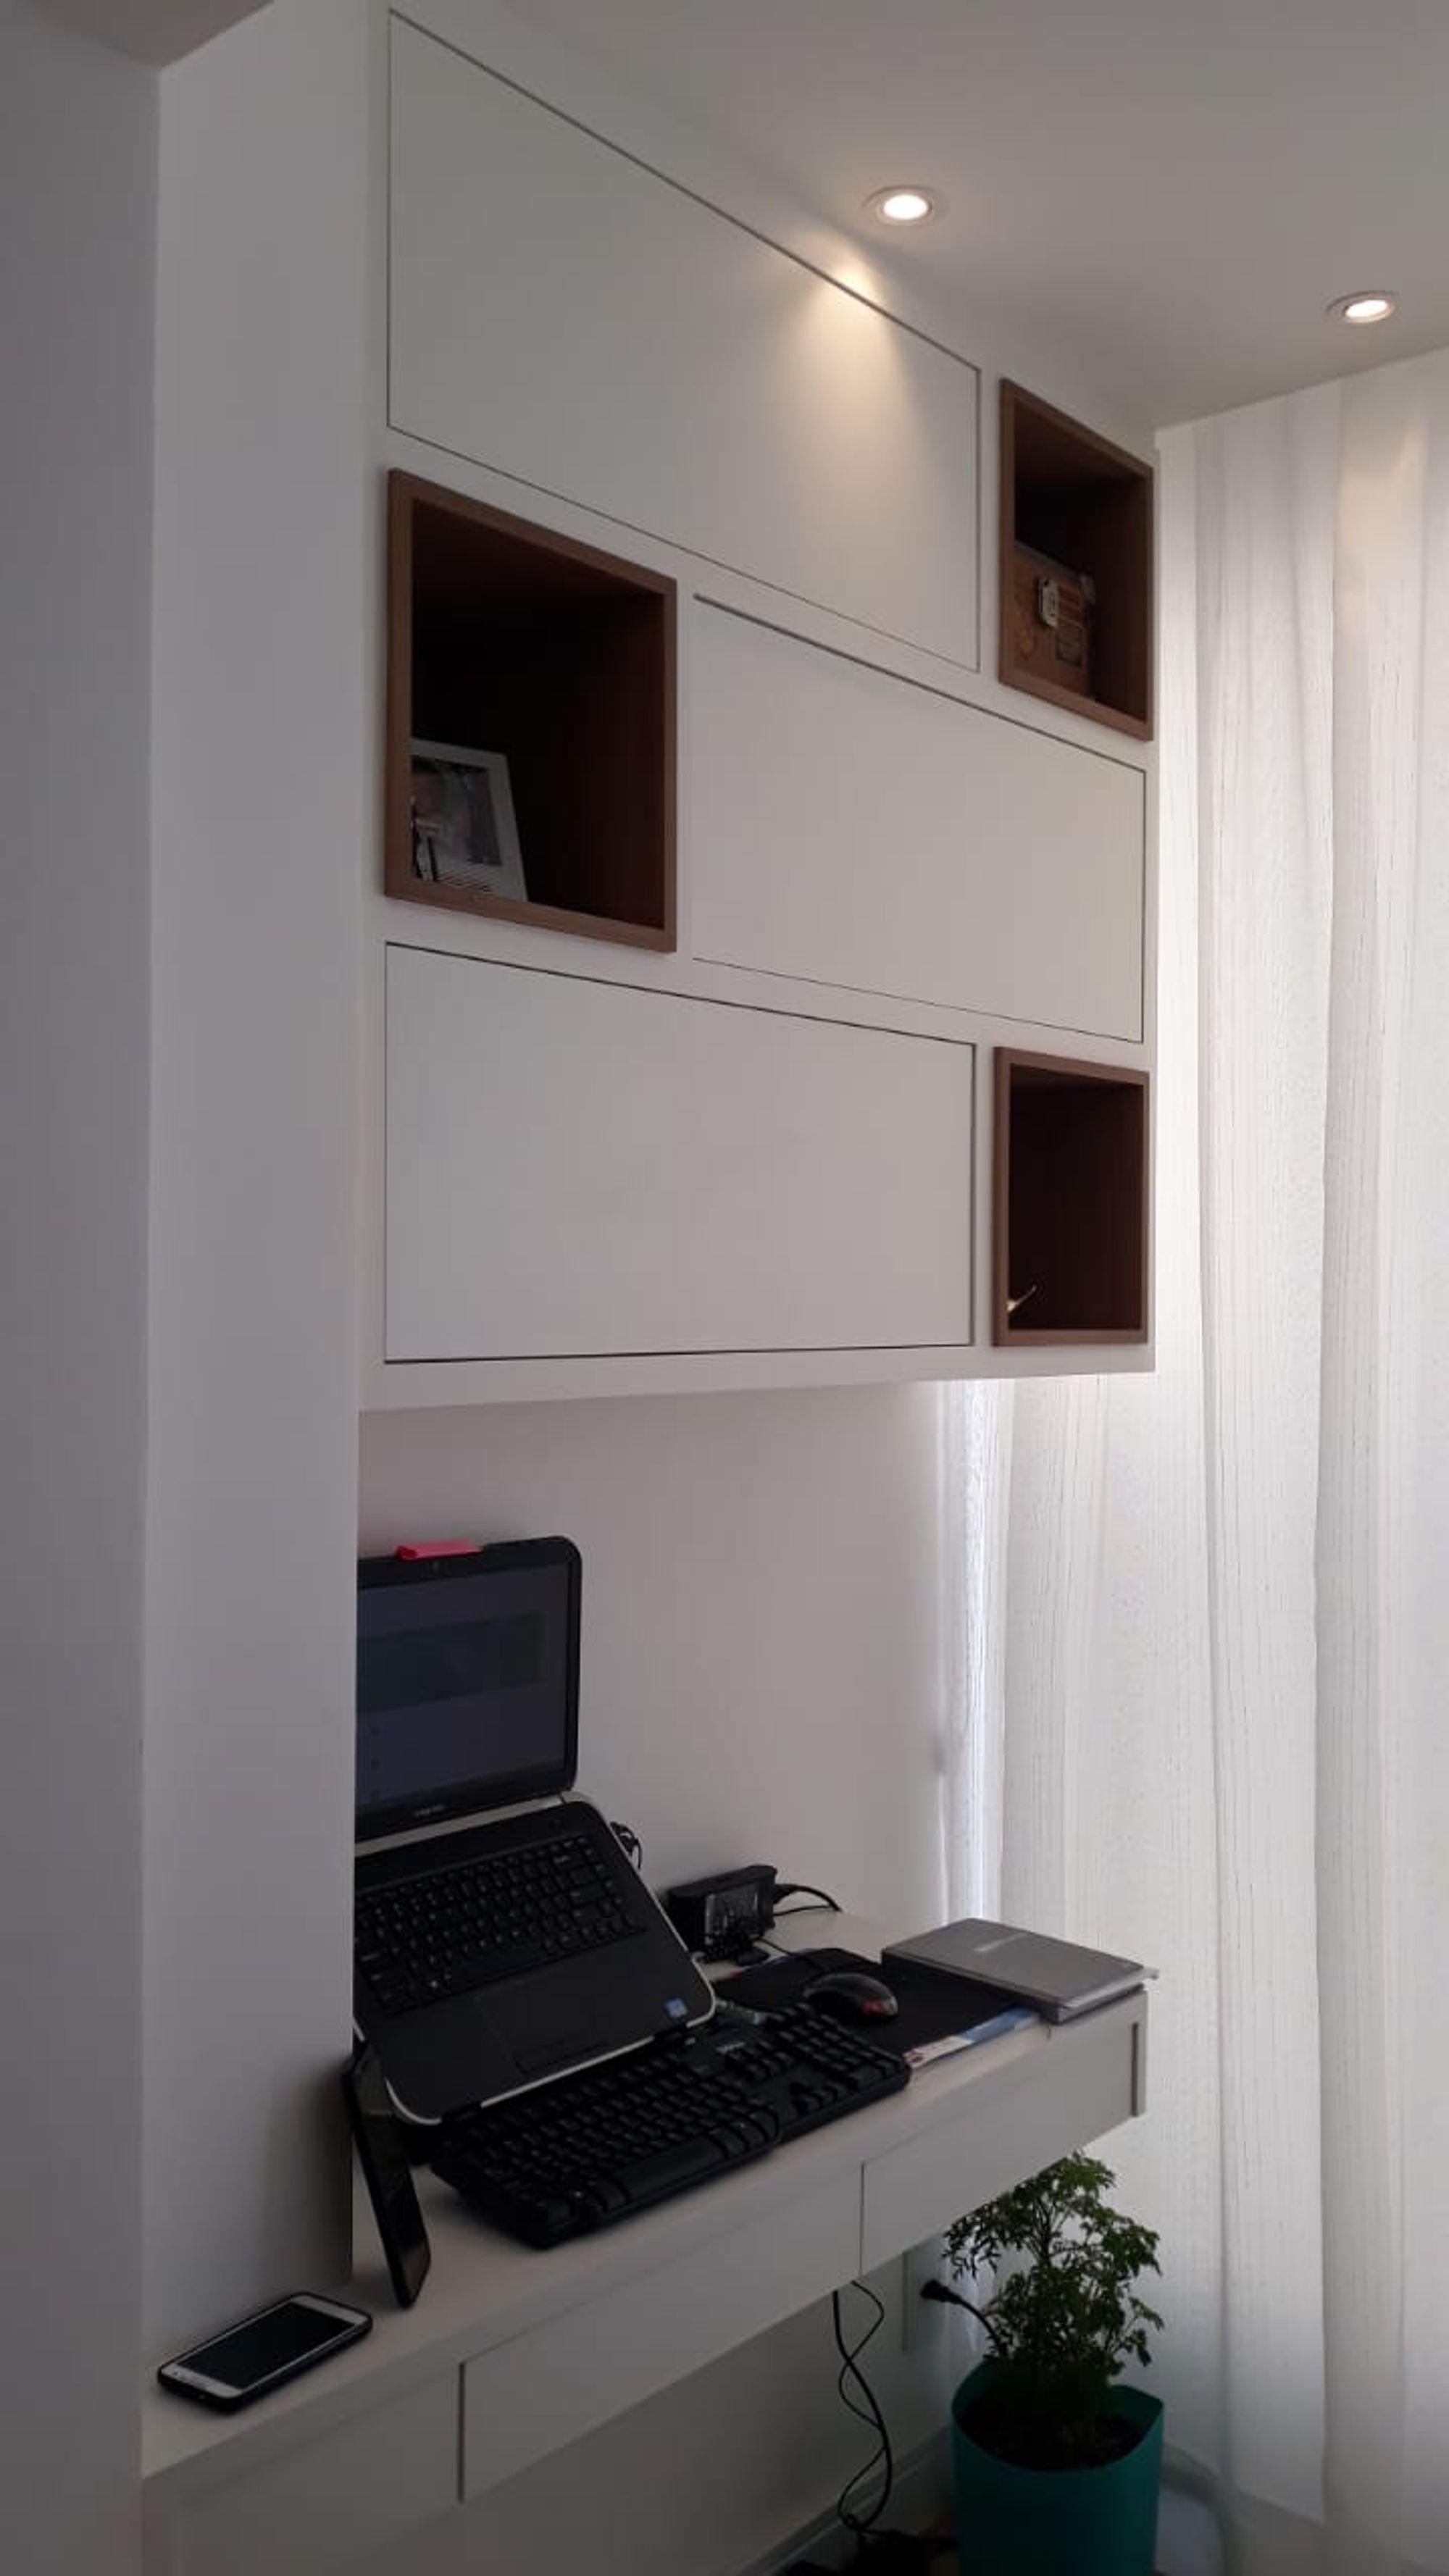 Foto de Sala com vaso de planta, mouse, teclado, televisão, celular, computador portátil